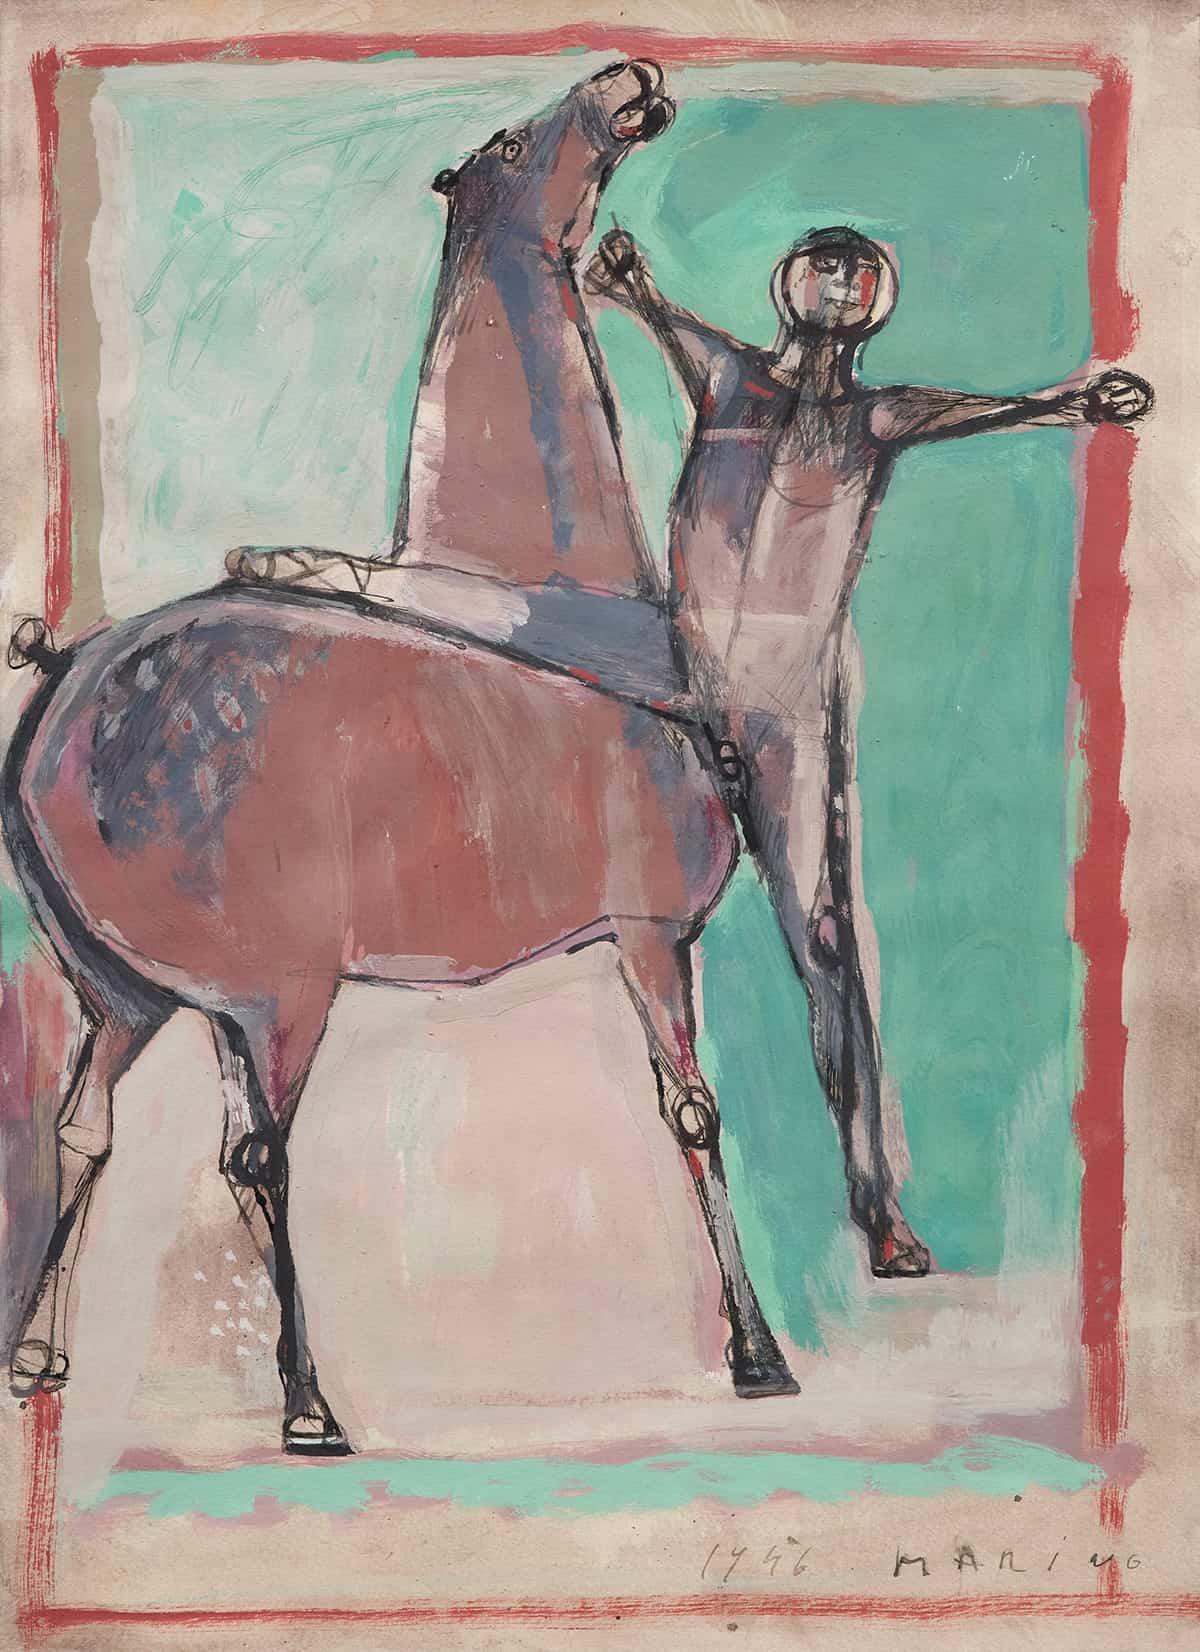 Cavalo e Cavaliere by Marino Marini, 1946 at Thomas Salis